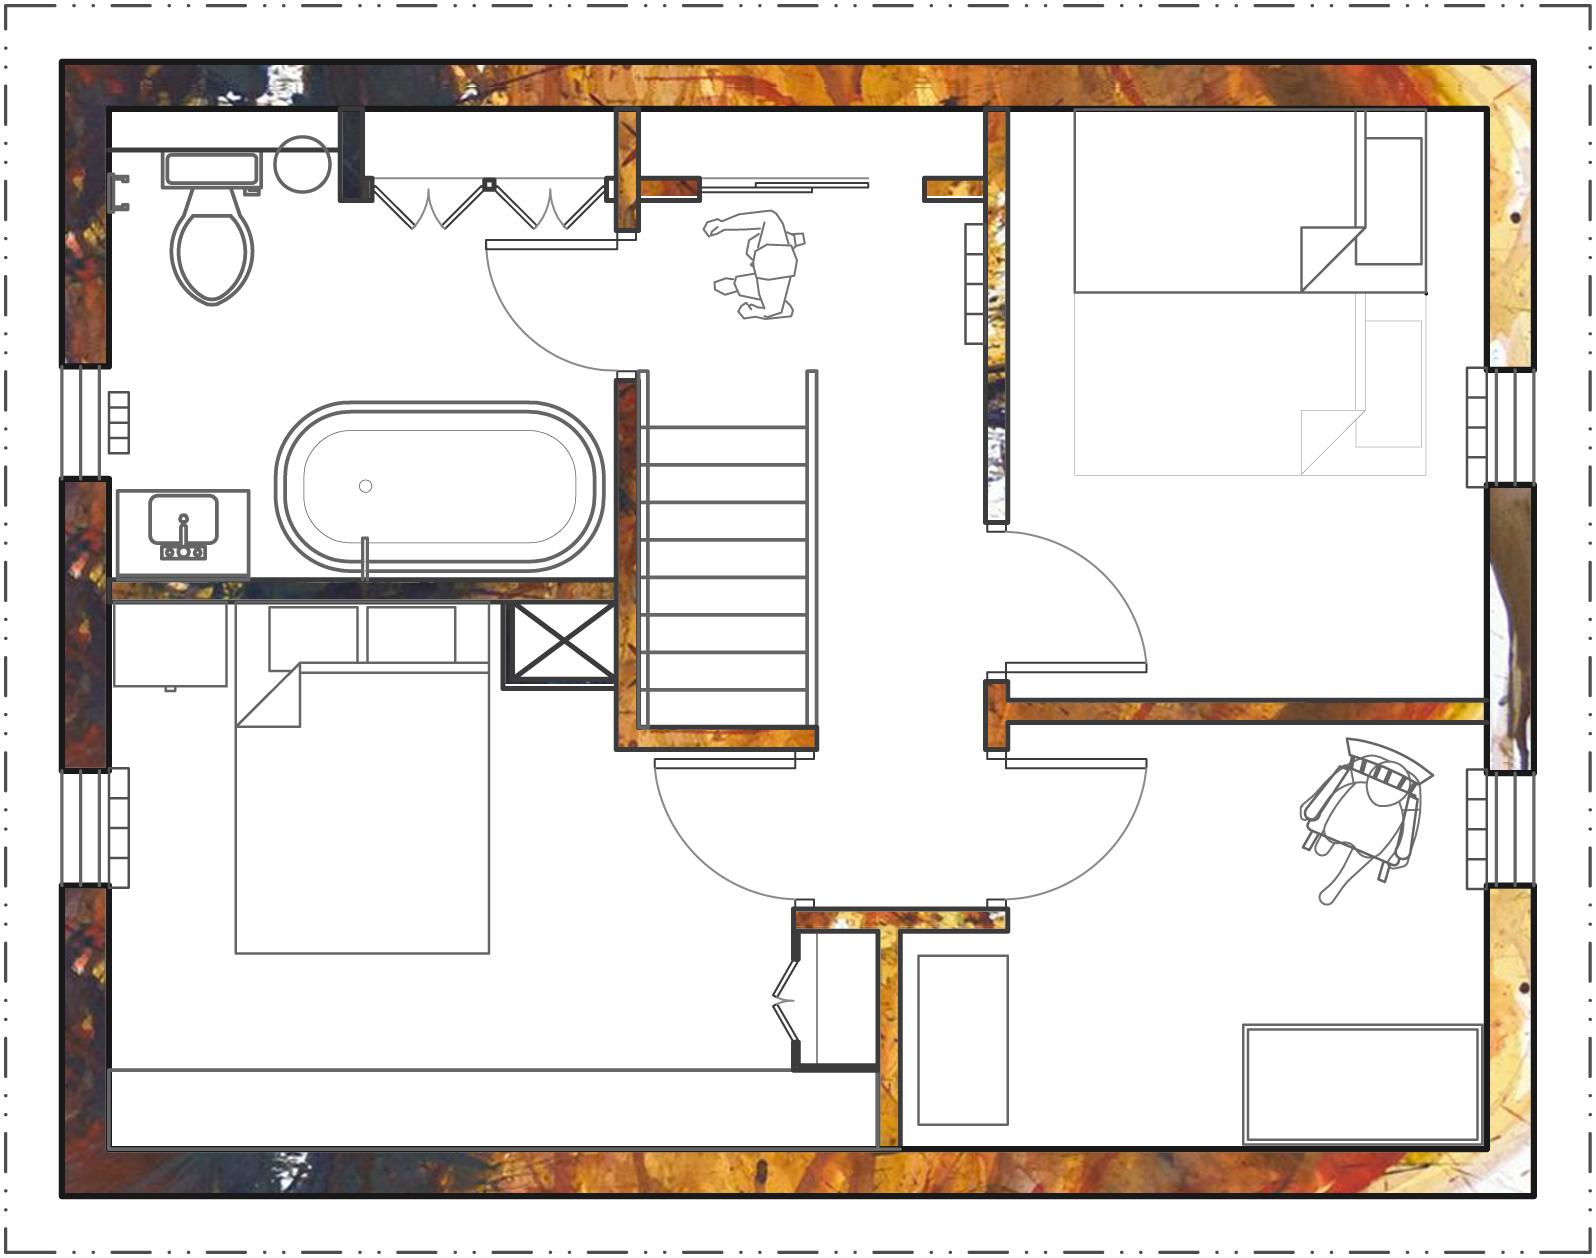 faire les plans de sa maison Dessiner le plan de sa maison